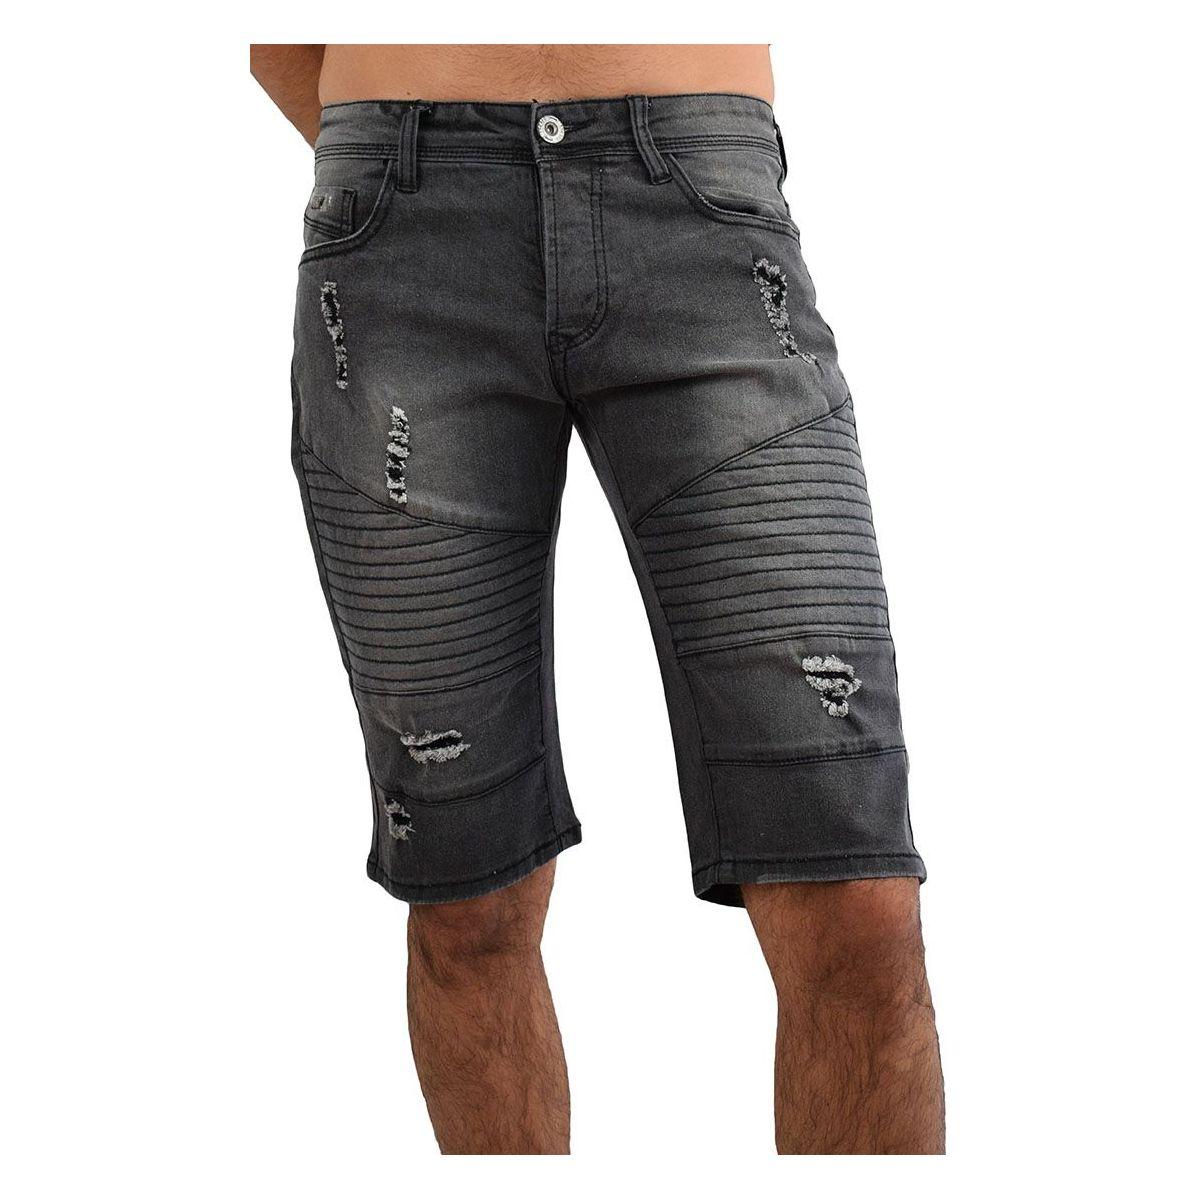 bermuda jean homme 35 short en jean noir fashion. Black Bedroom Furniture Sets. Home Design Ideas